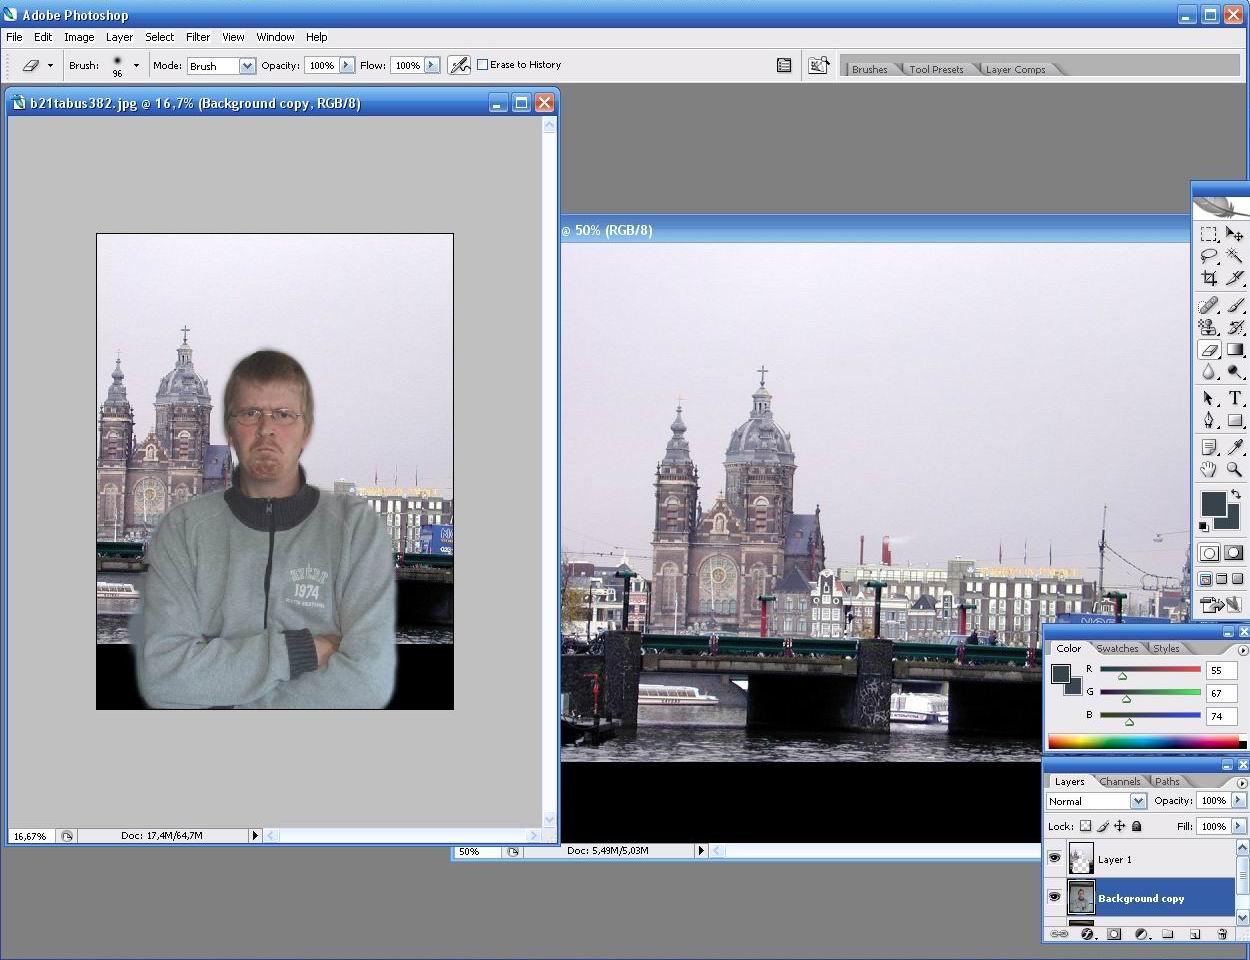 Приложение с фонами для фотографий